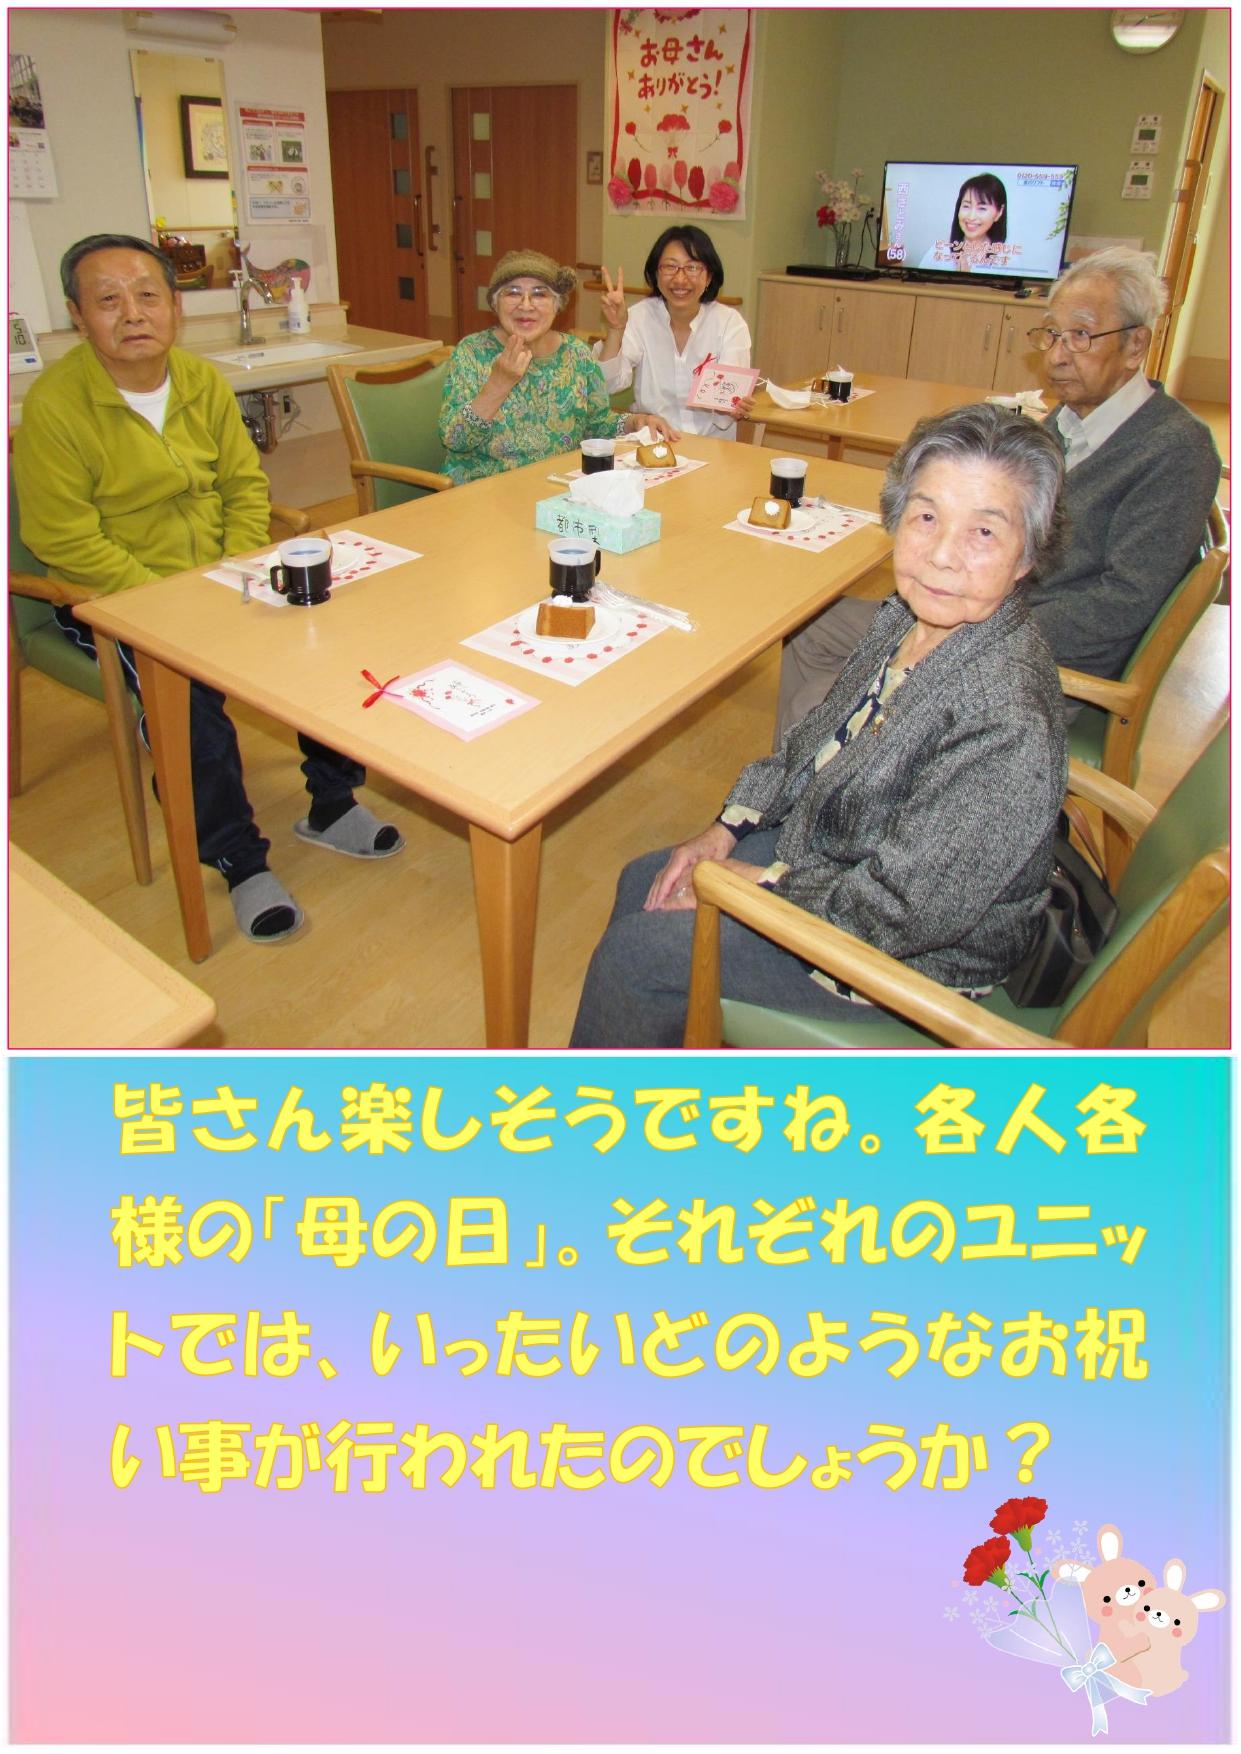 母の日ブログ-1_page-0005